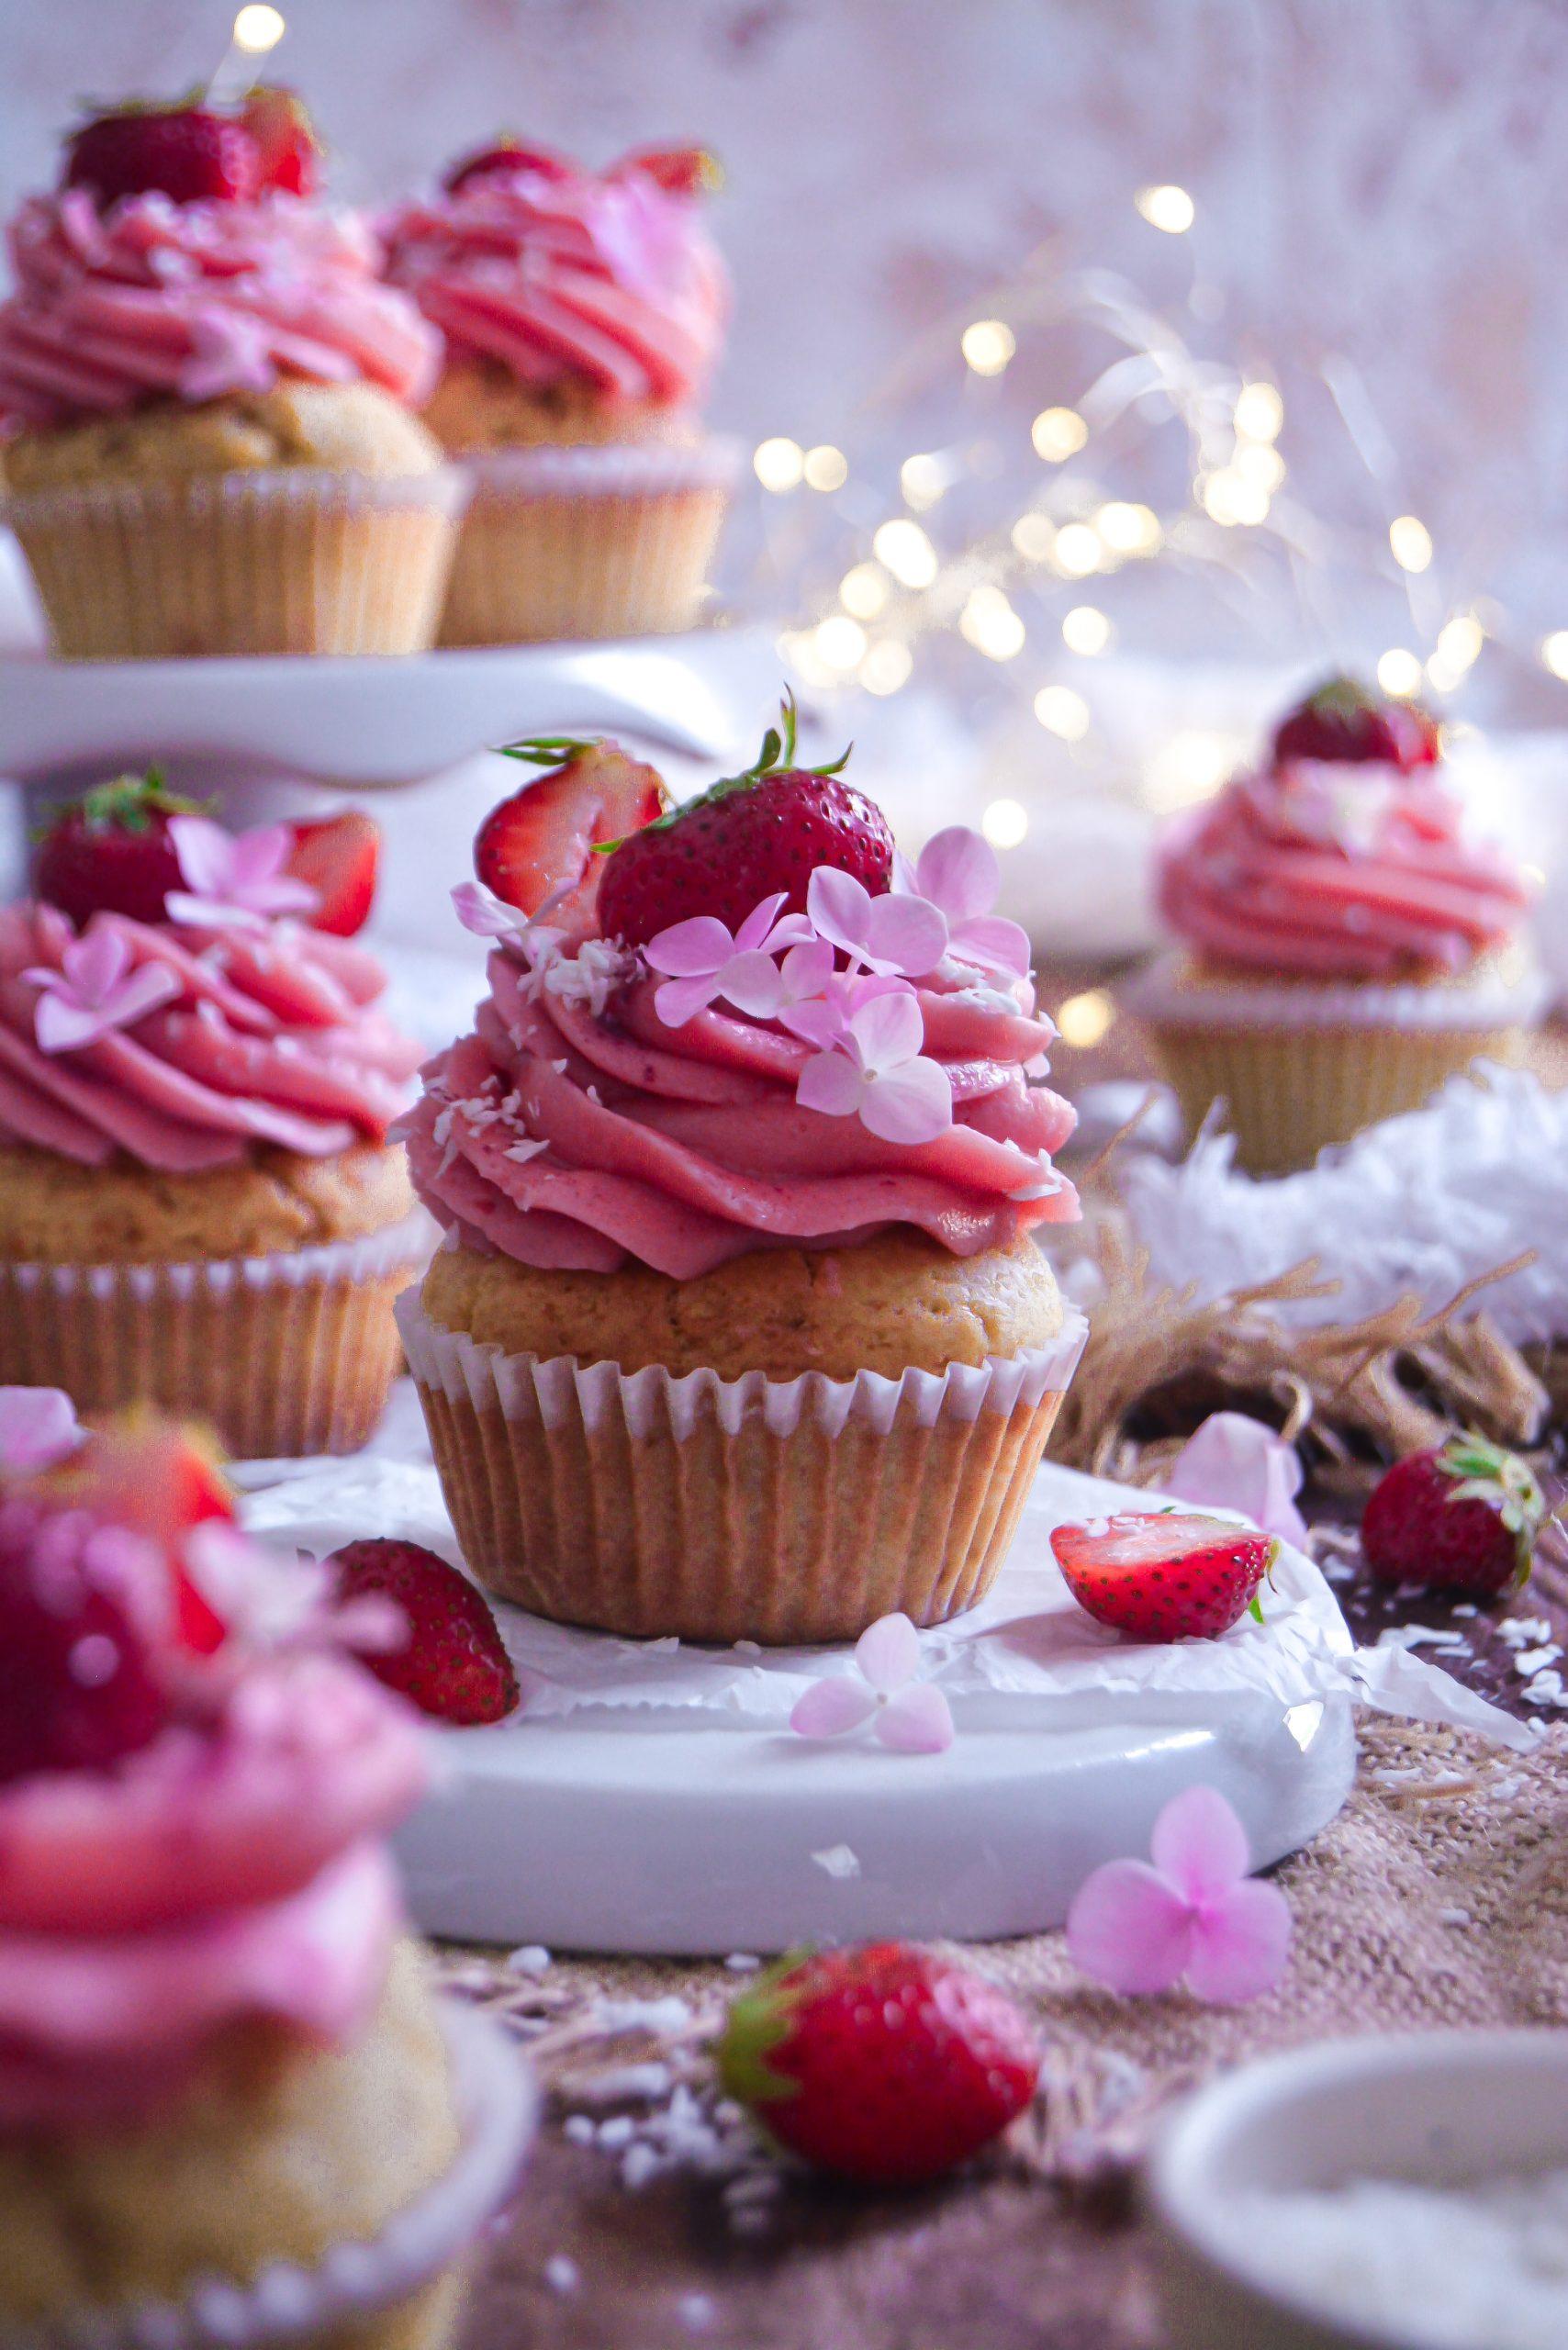 Cupcakes Vegan aux Fraises / Vegan Strawberry Cupcakes